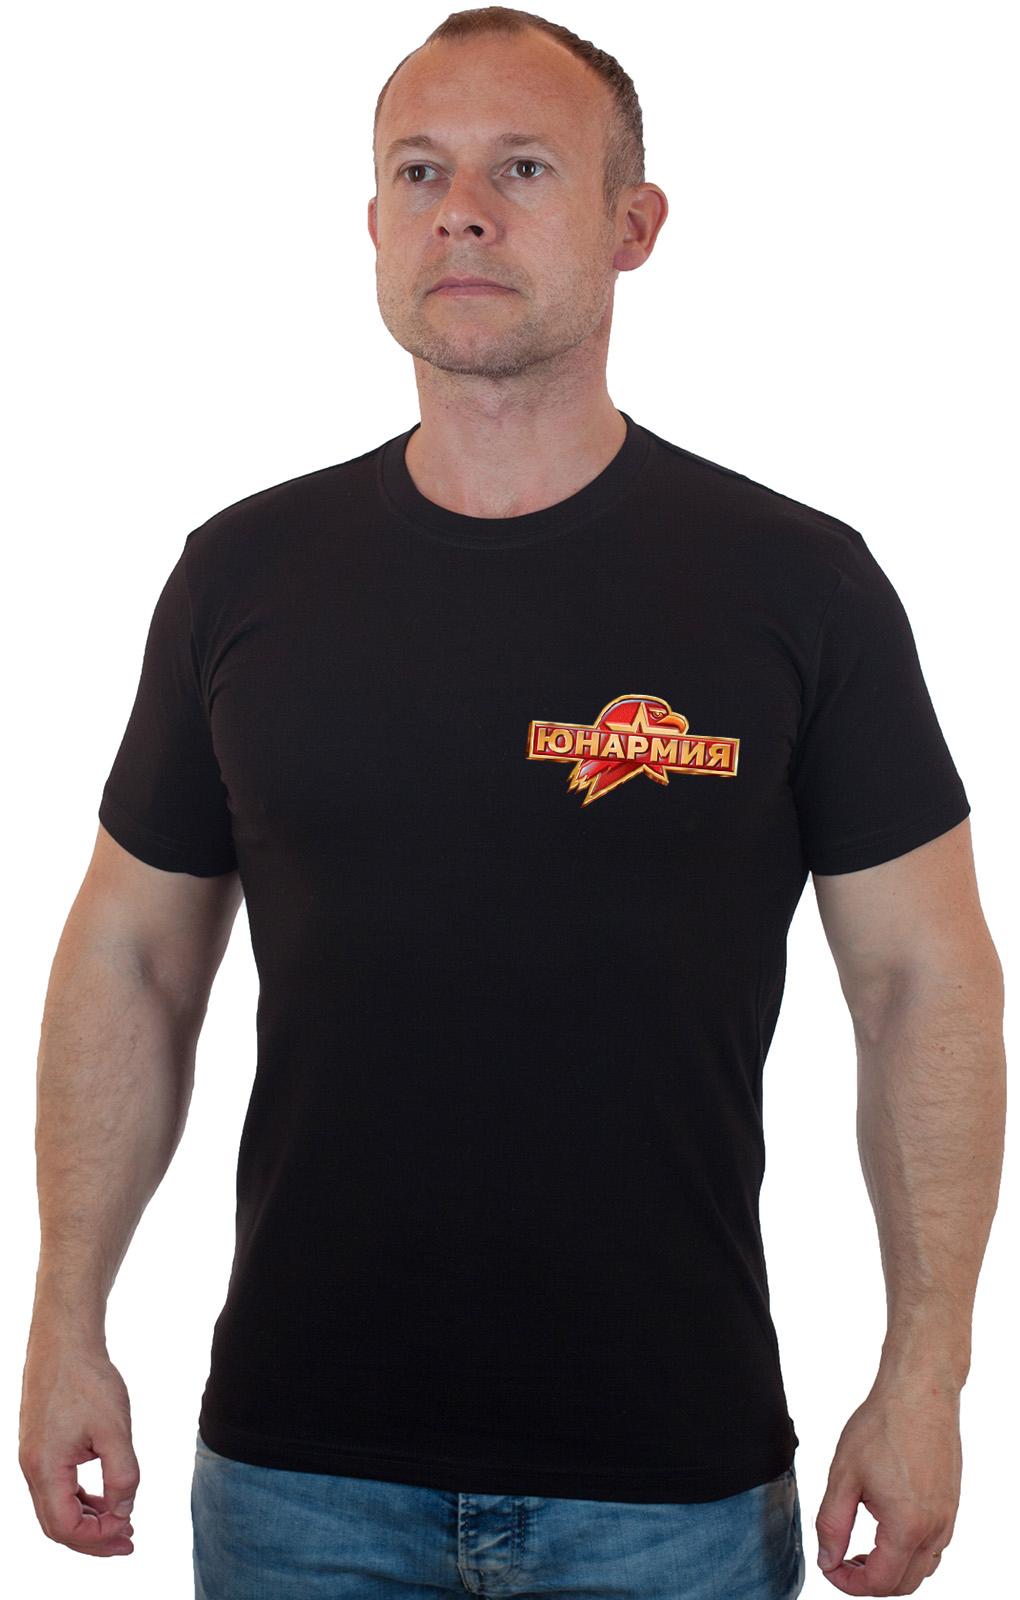 Заказать футболку с эмблемой Юнармии